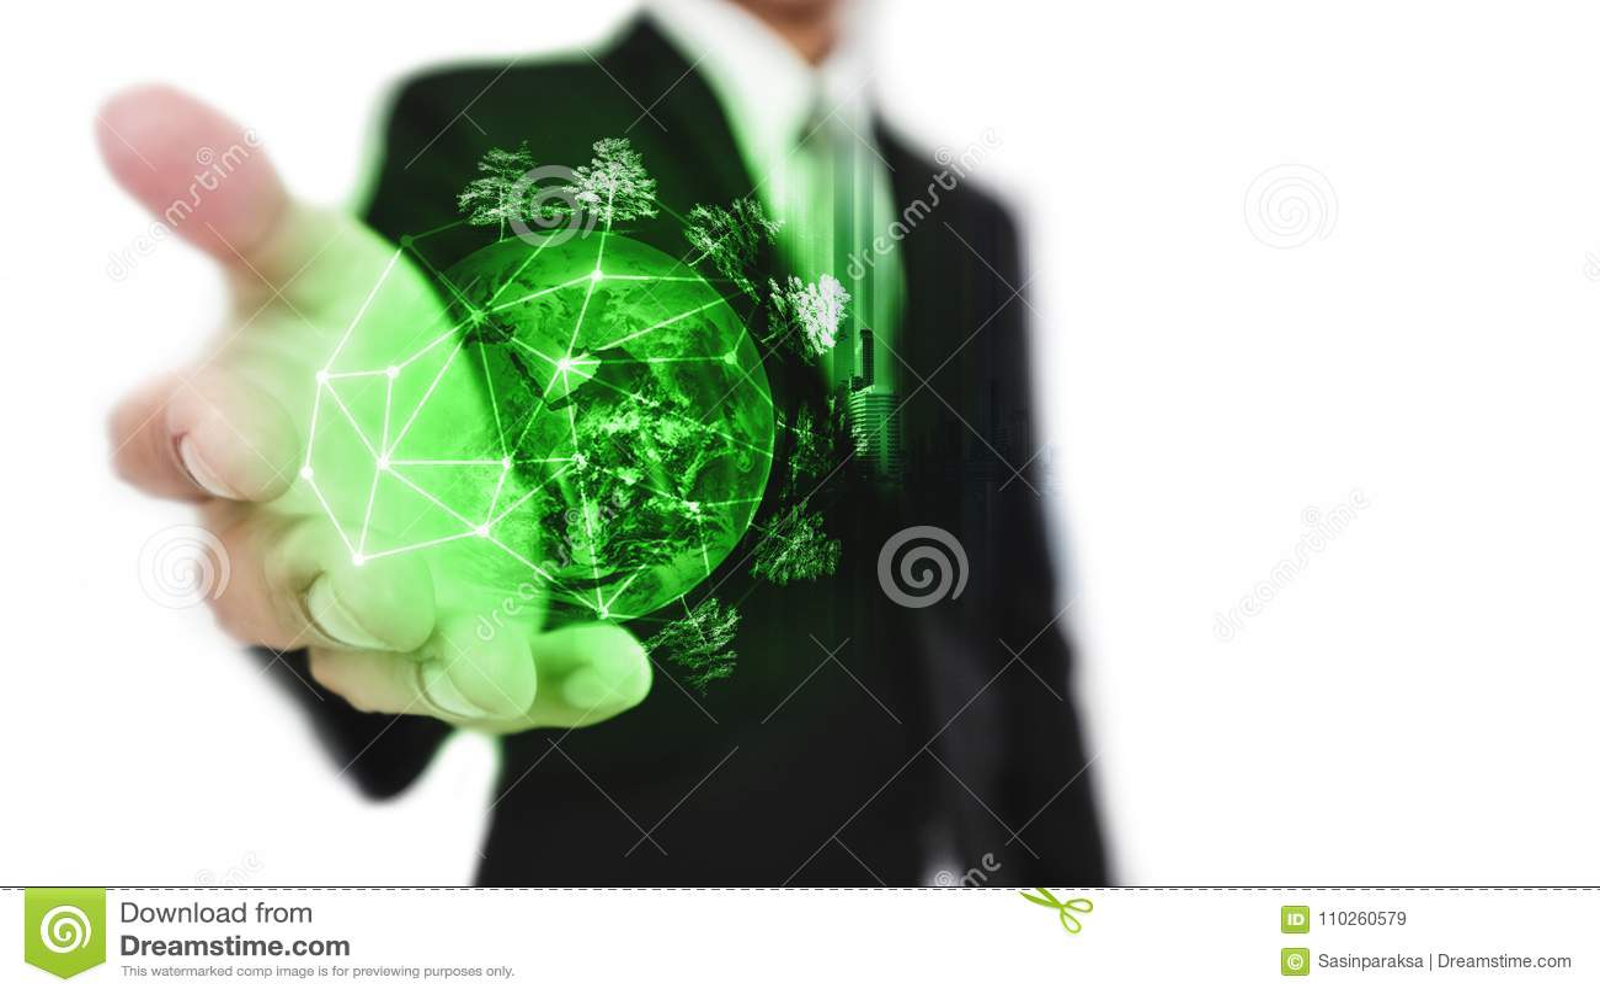 Homem de negócios que guarda o mundo verde com árvores, recurso sustentável do negócio e conceito ambiental, no fundo branco elem